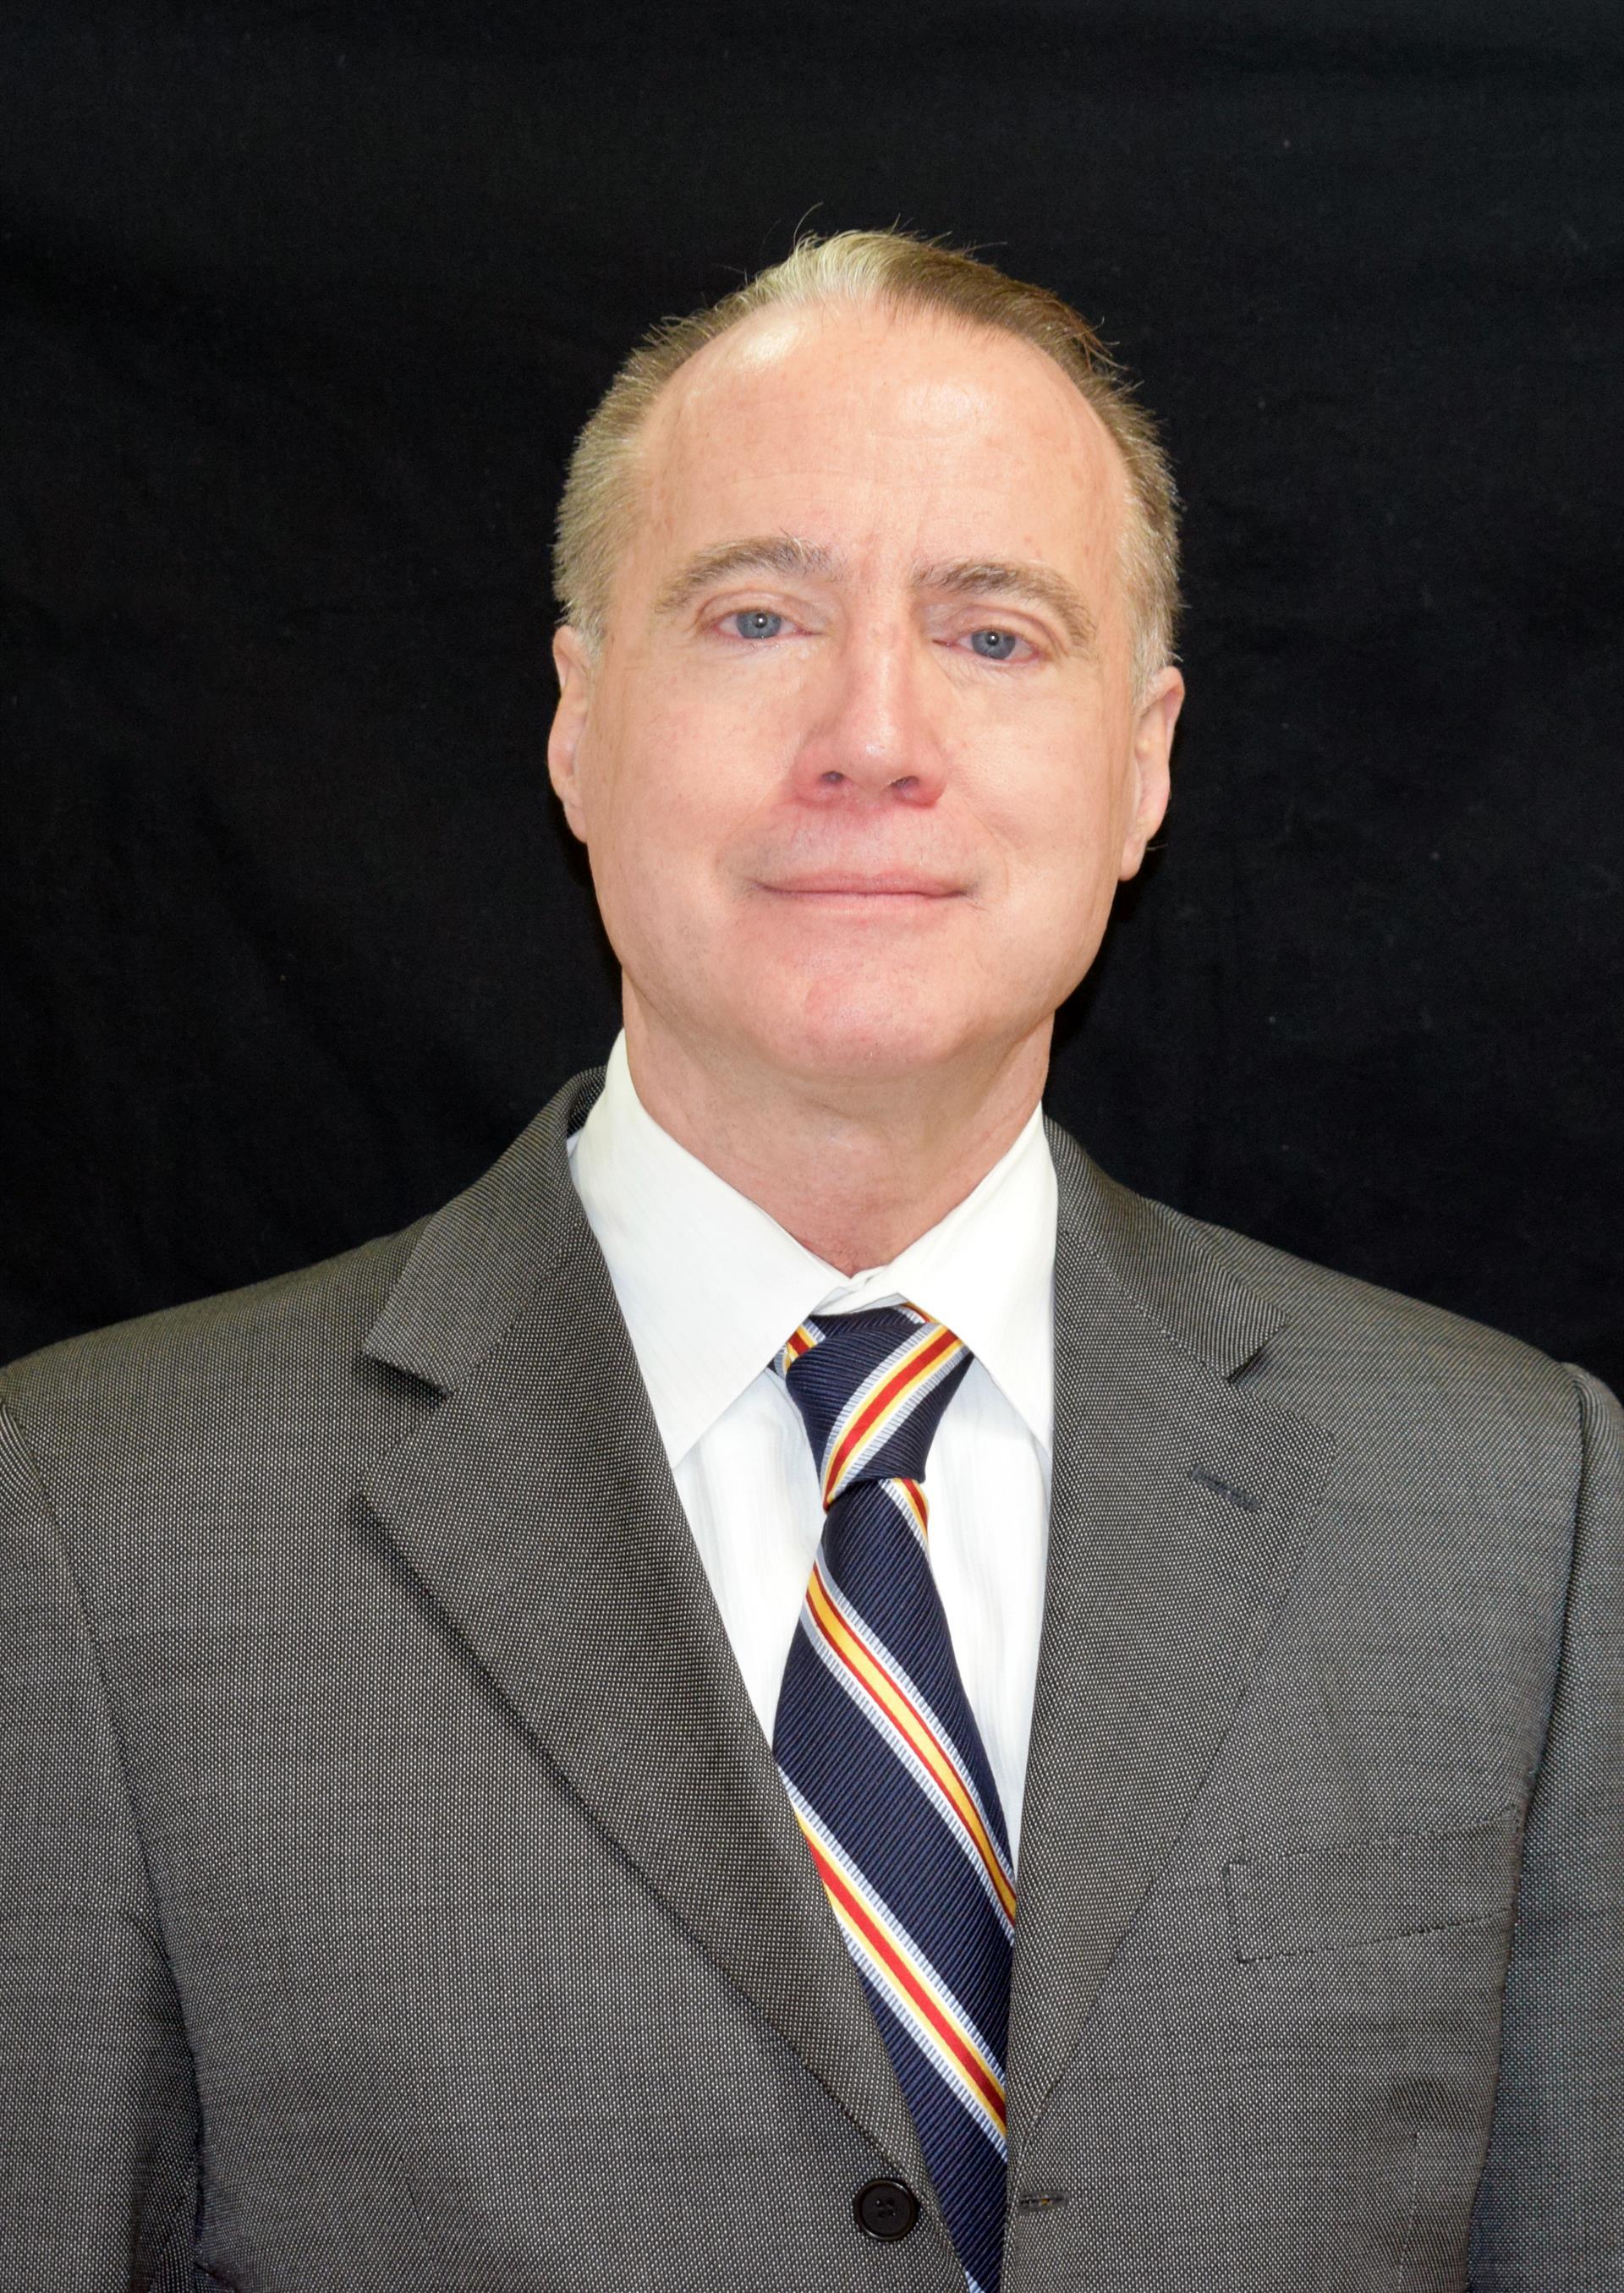 Gary Schneider